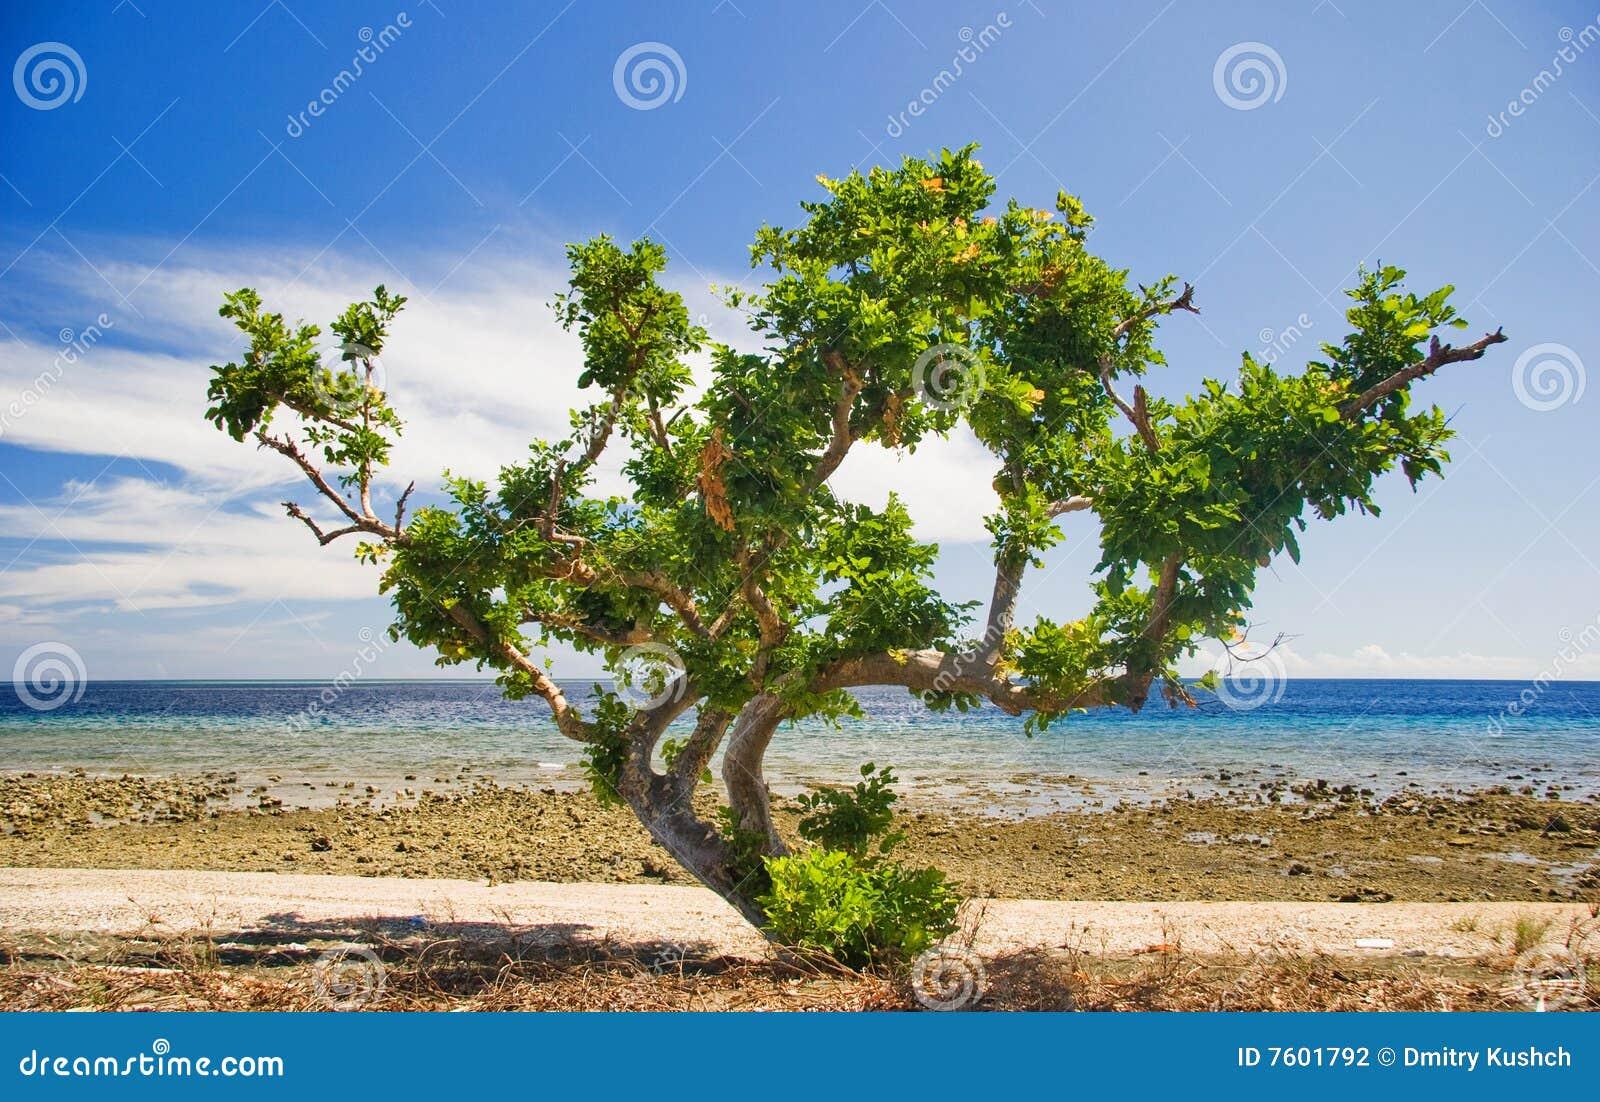 海滩结构树